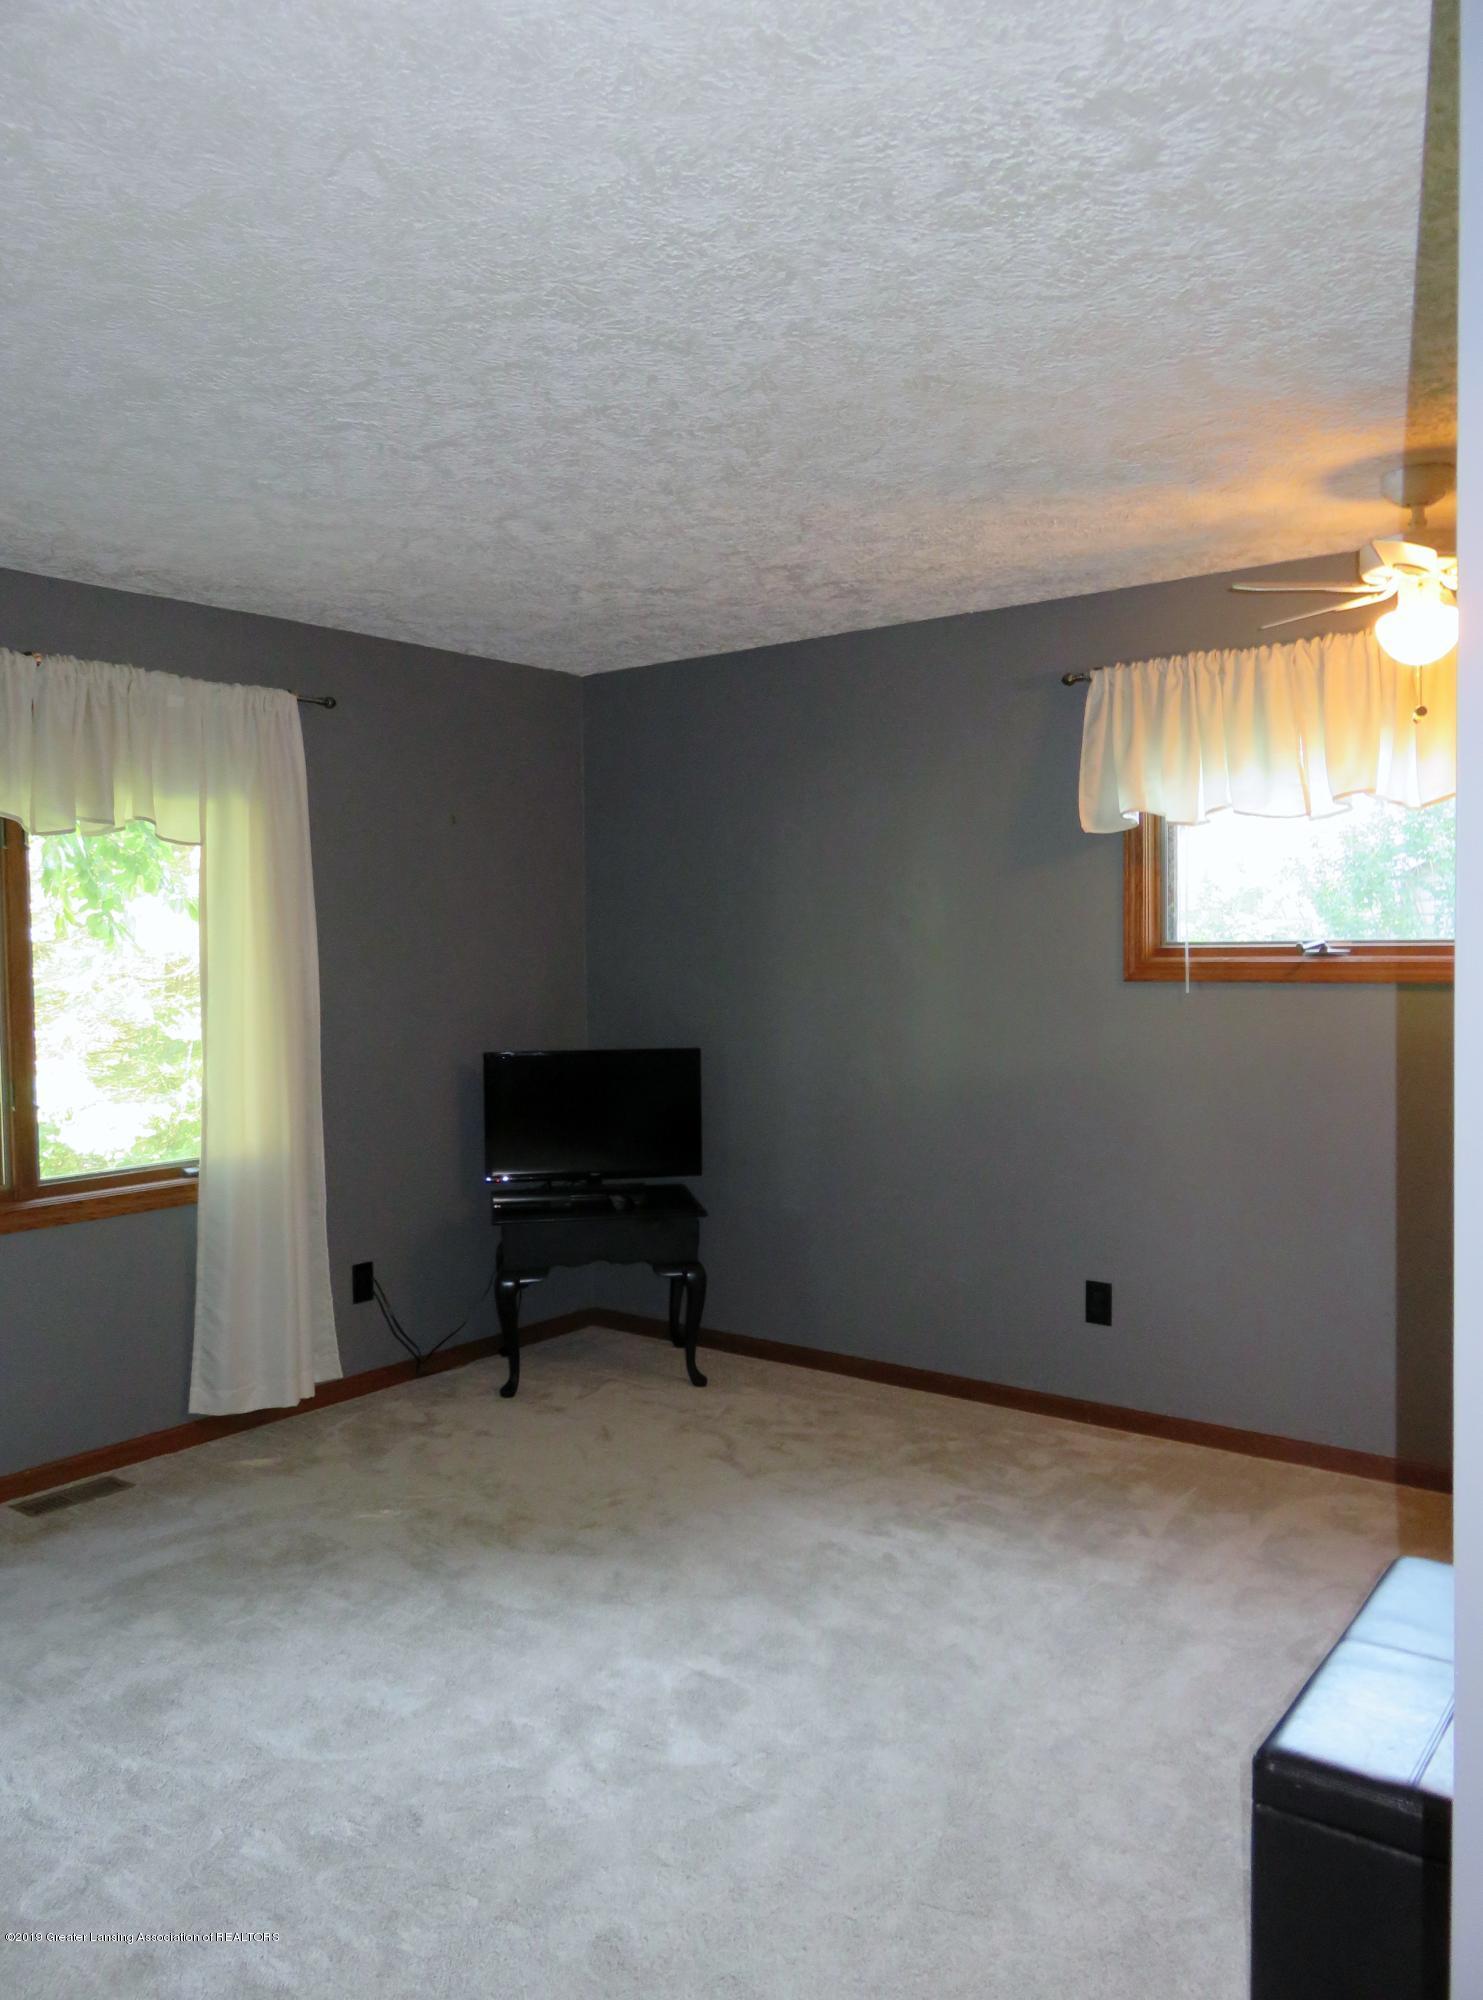 13240 Blackwood Dr - Bedroom - 20